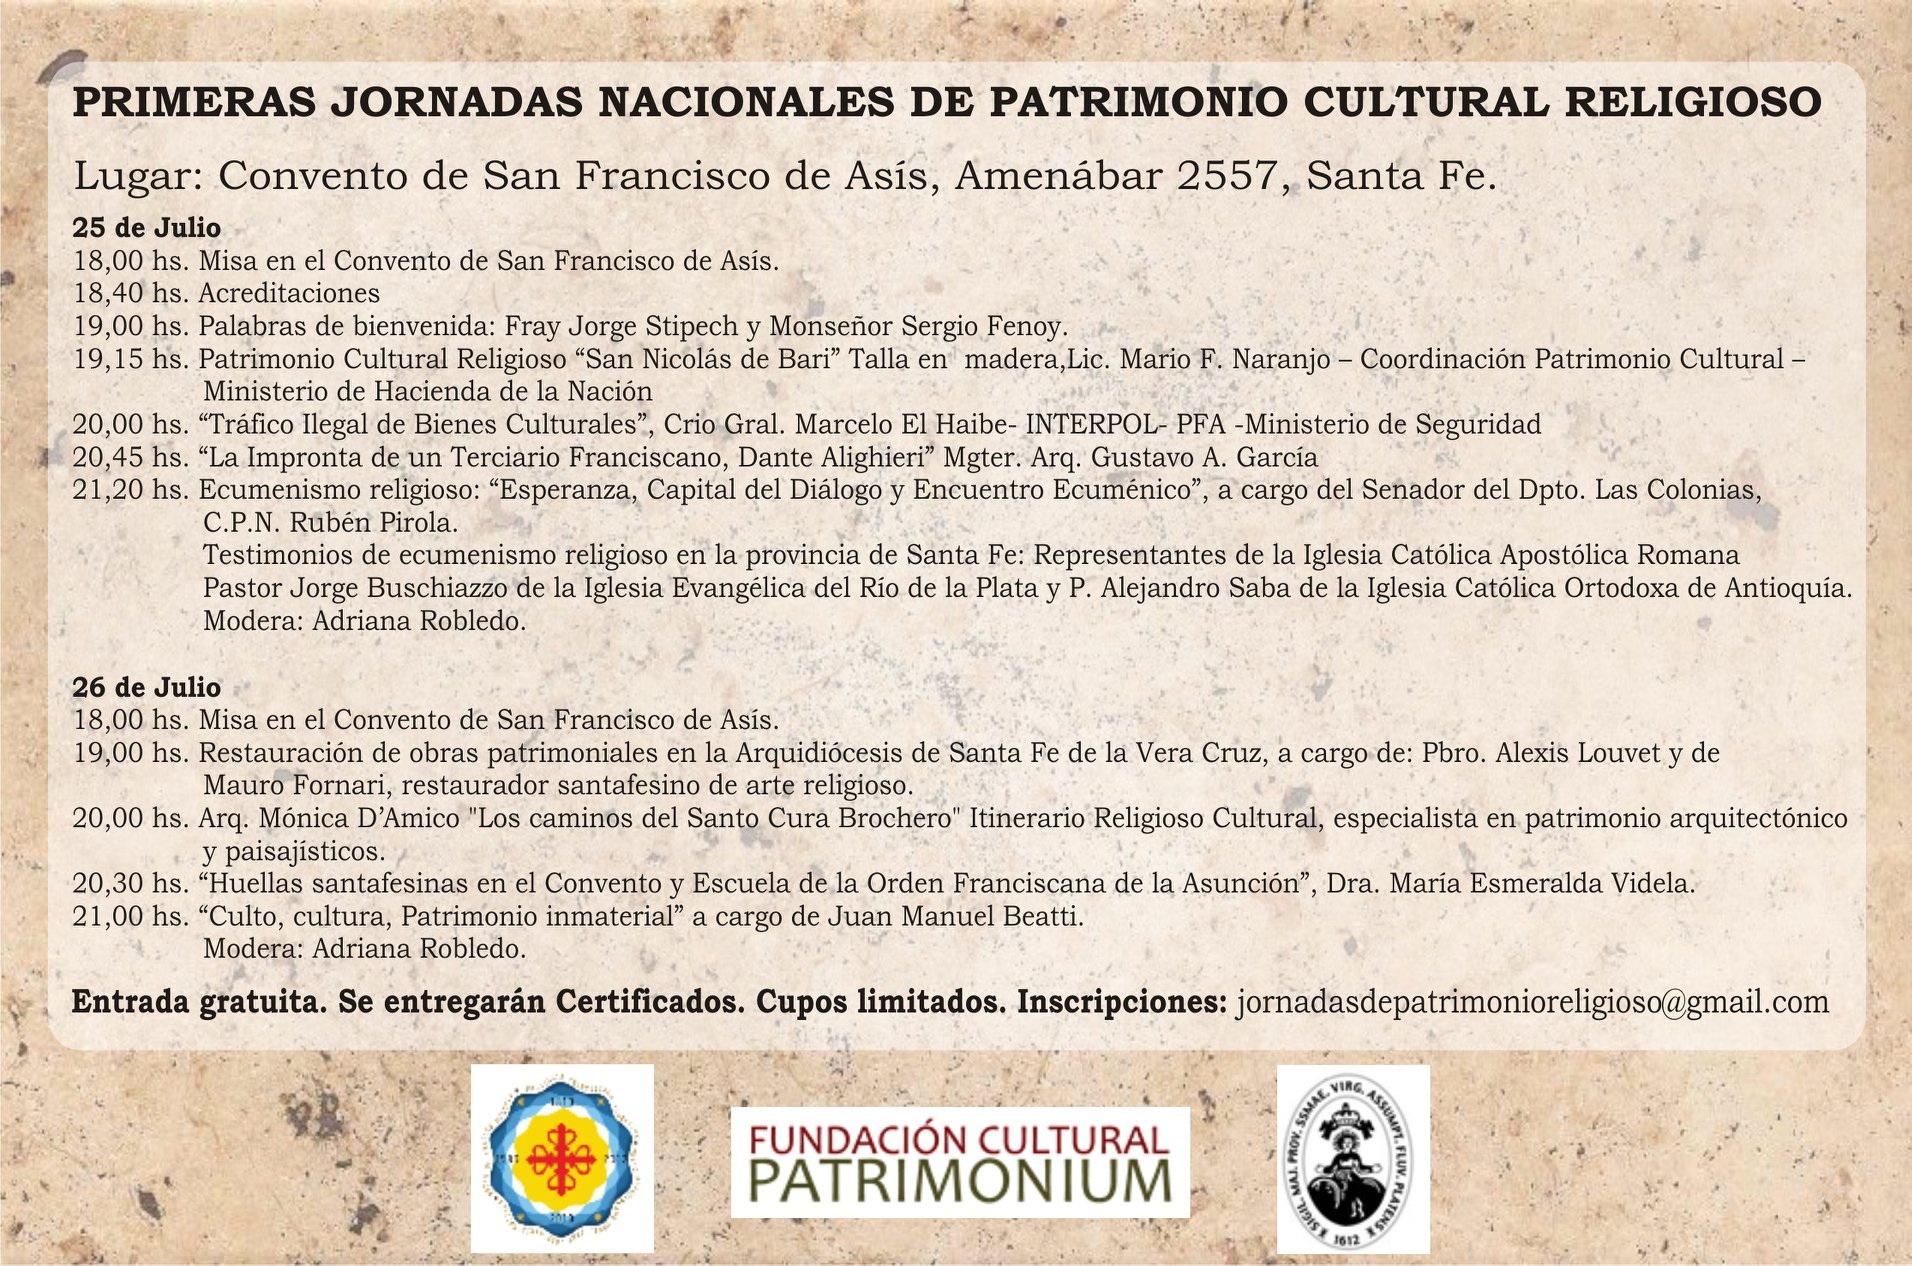 JORNADAS NACIONALES DE PATRIMONIO RELIGIOSO EN EL CONVENTO SAN FRANCISCO DE ASIS.